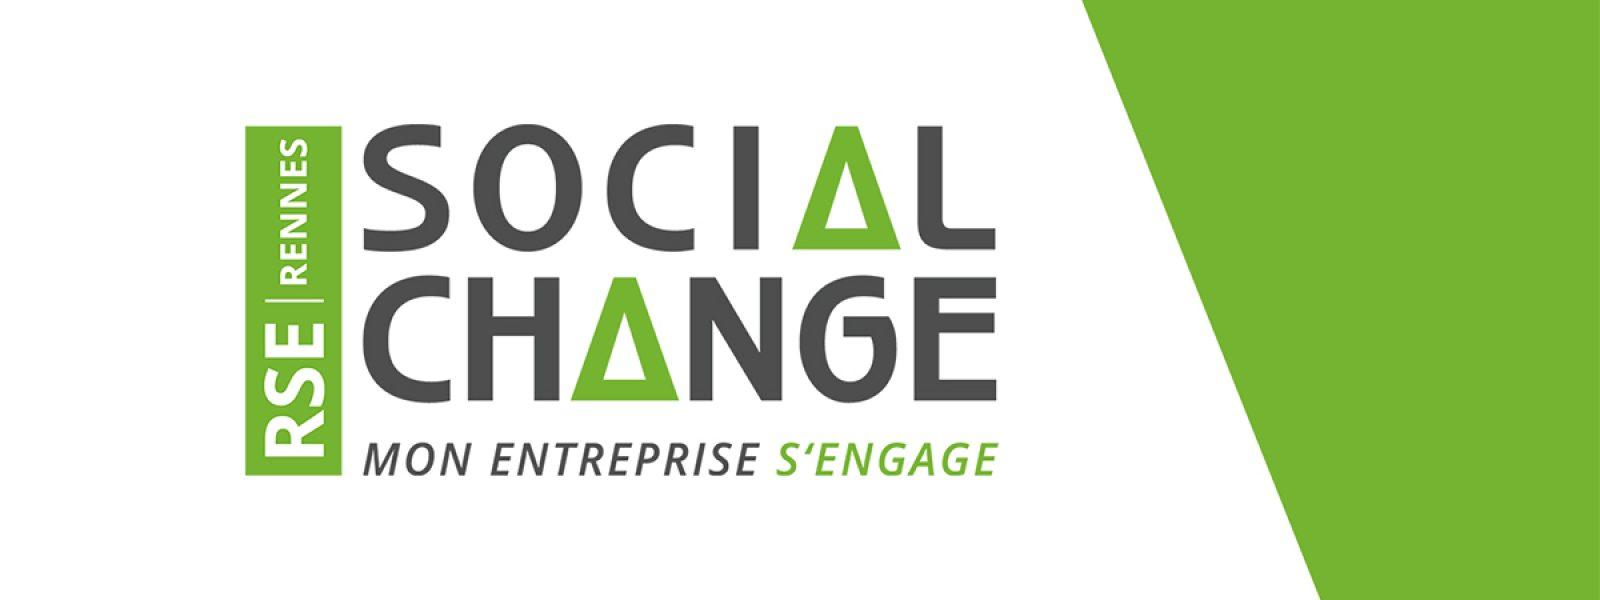 Événement Social Change à Rennes